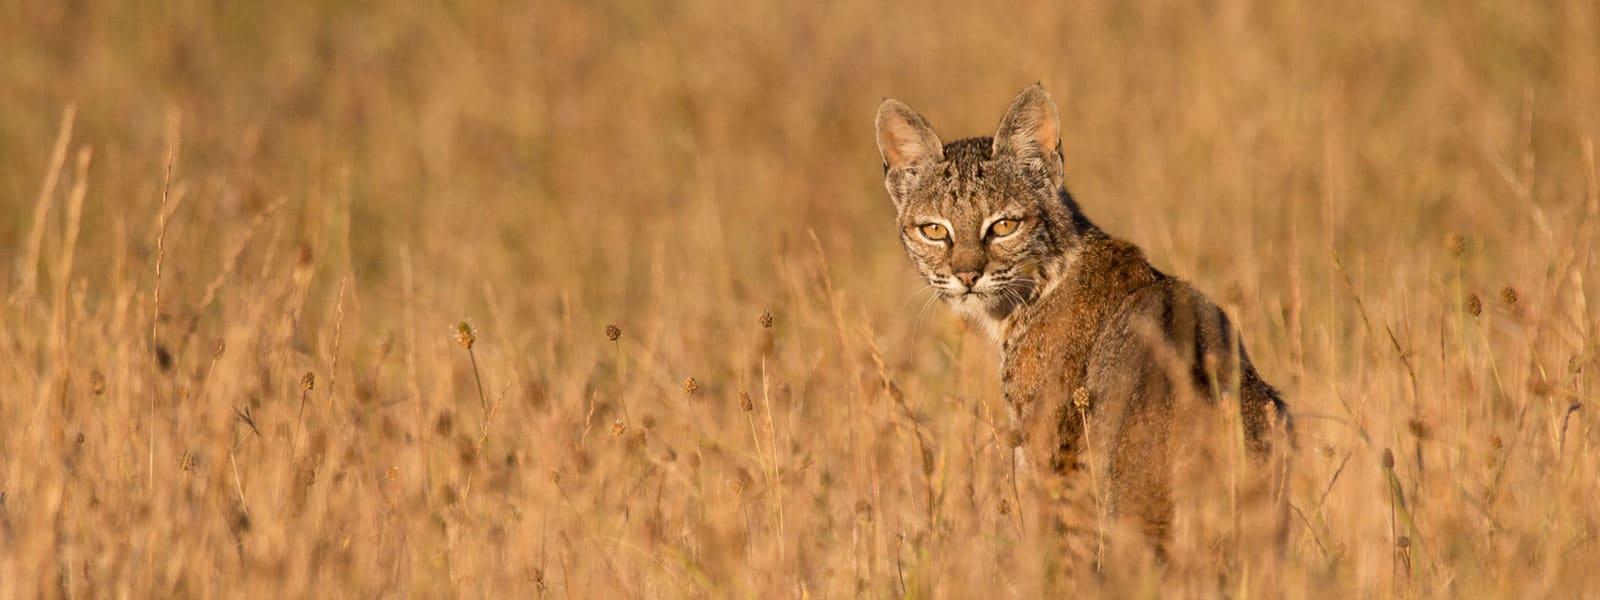 Bobcat in grass. Photo by Tory Kallman